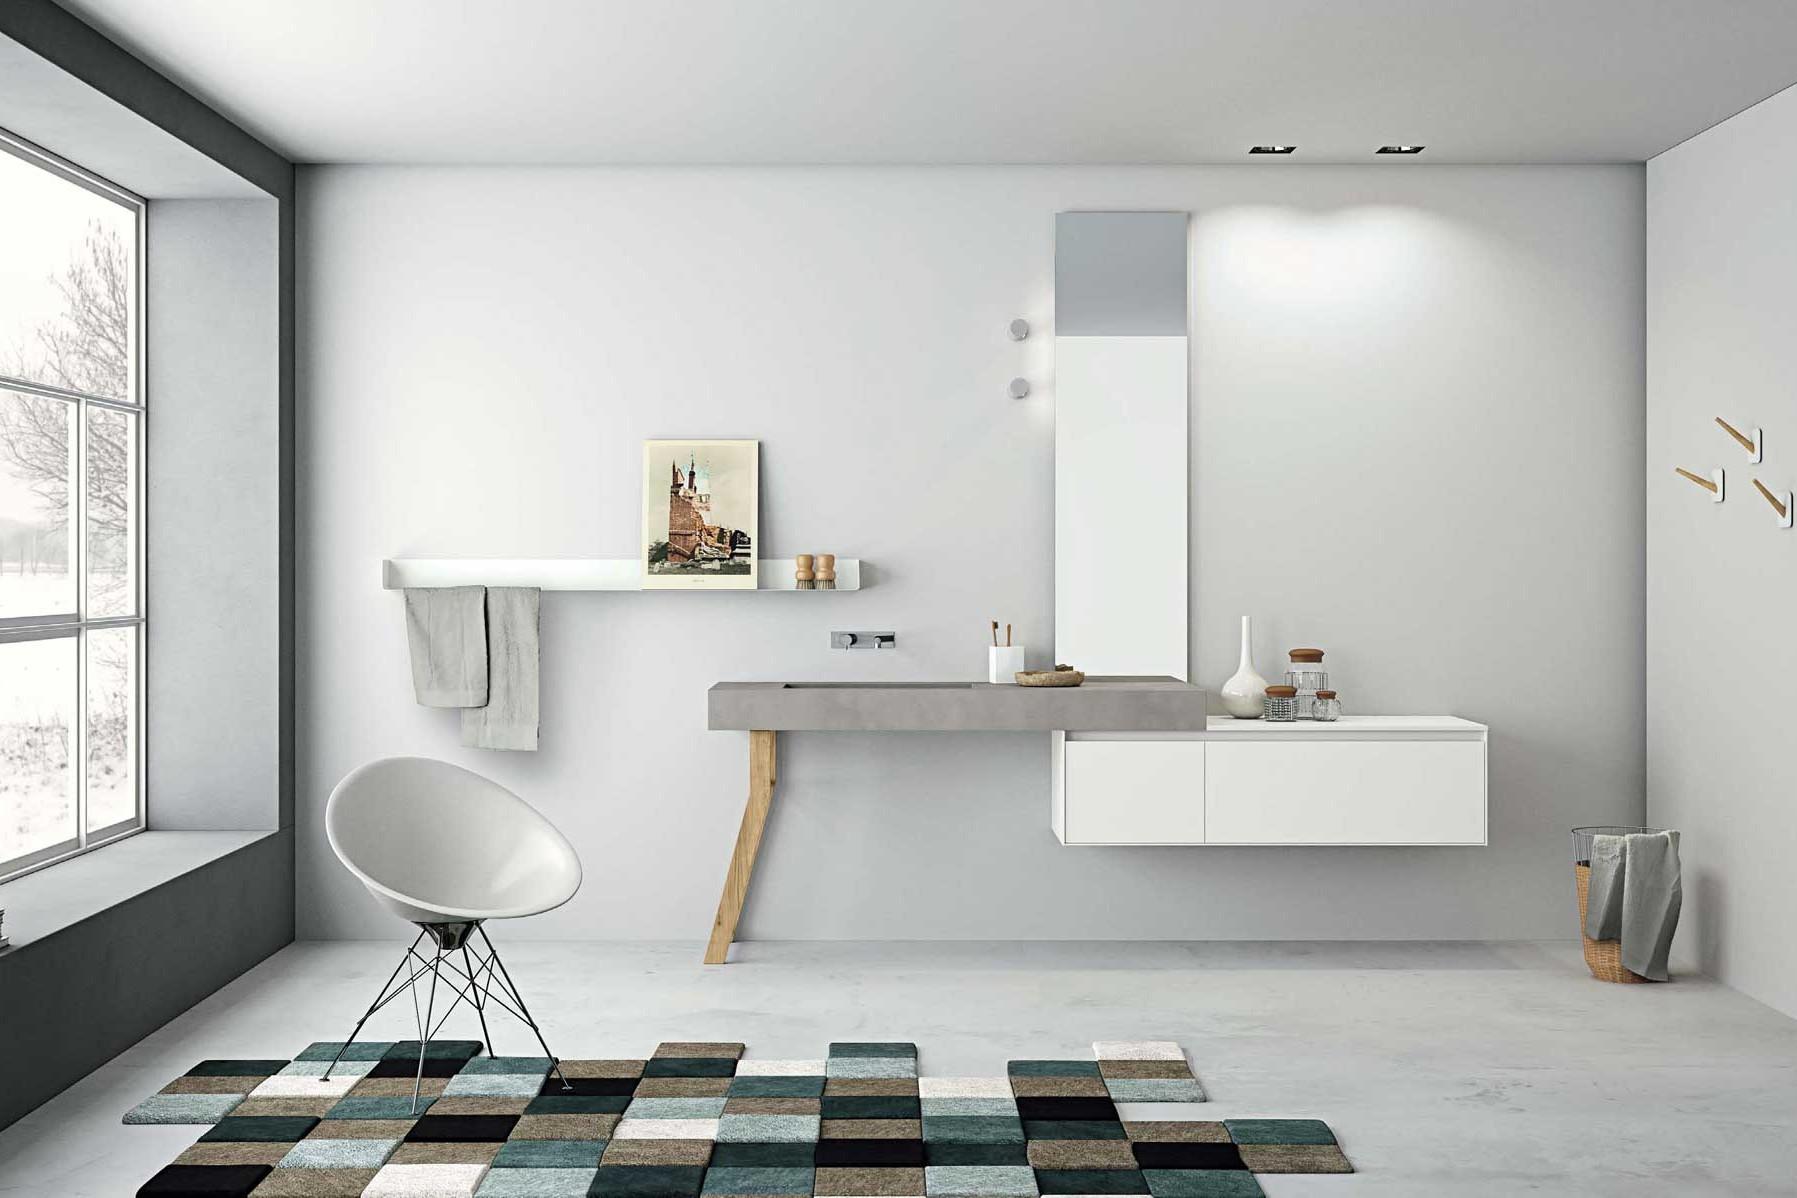 show room dell'arredo bagno, roma - orsolini - Bagno Accessori E Mobili Arredo Bagno